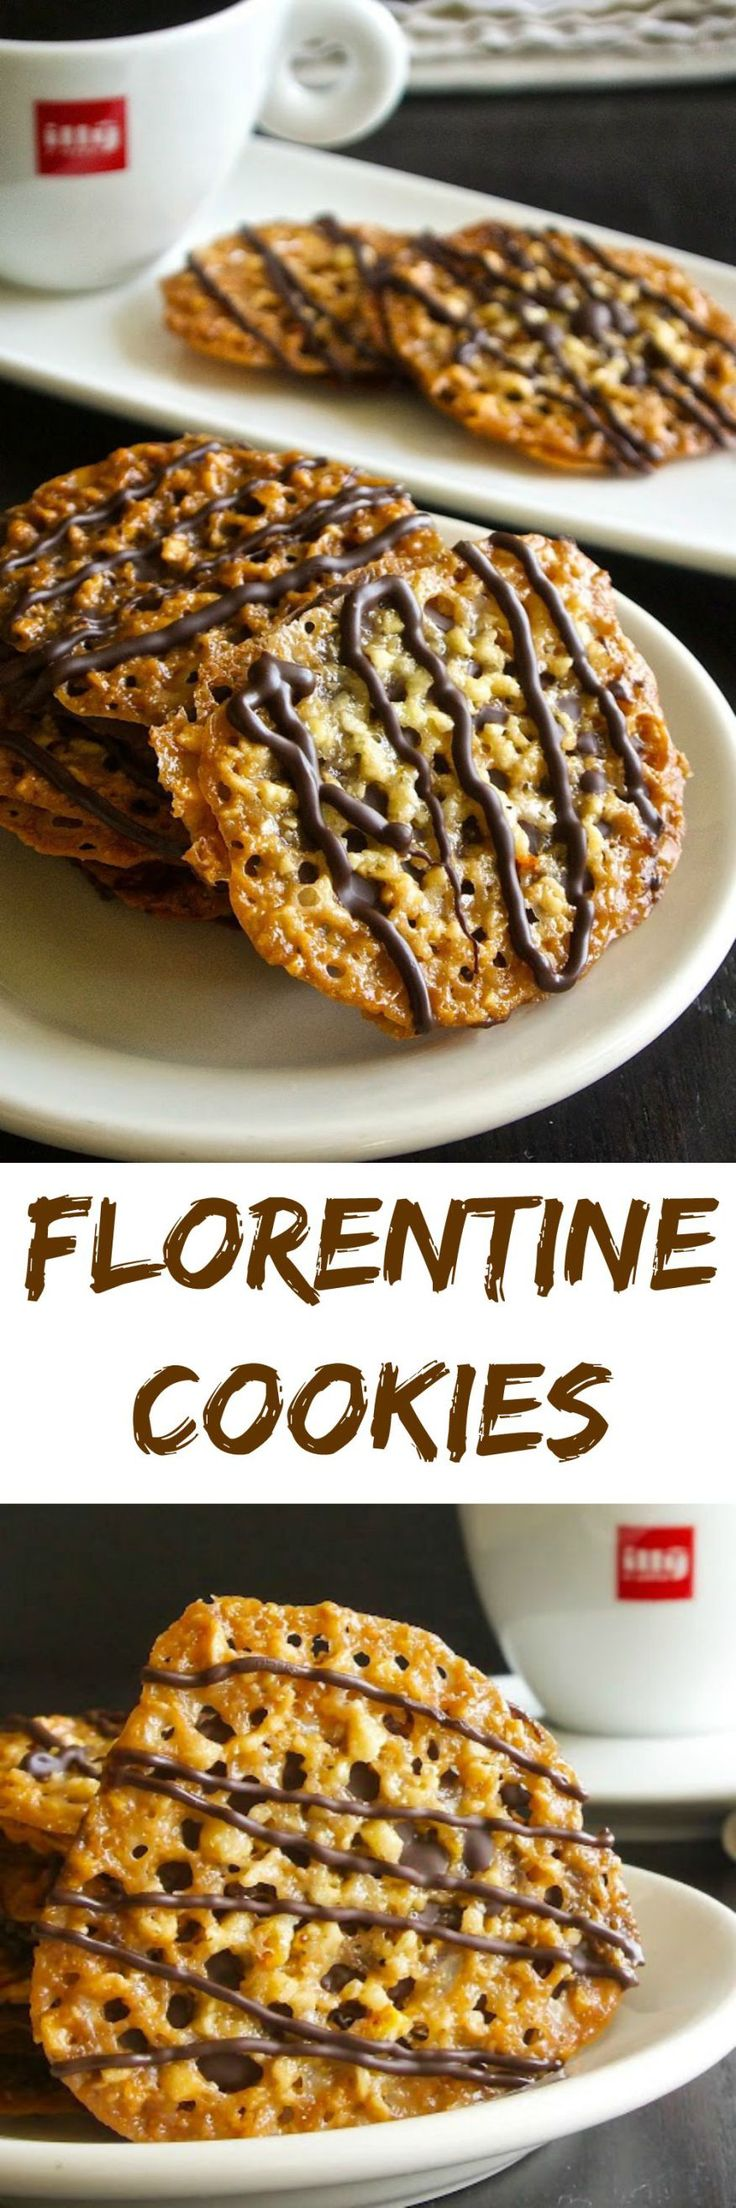 Florentinecookies